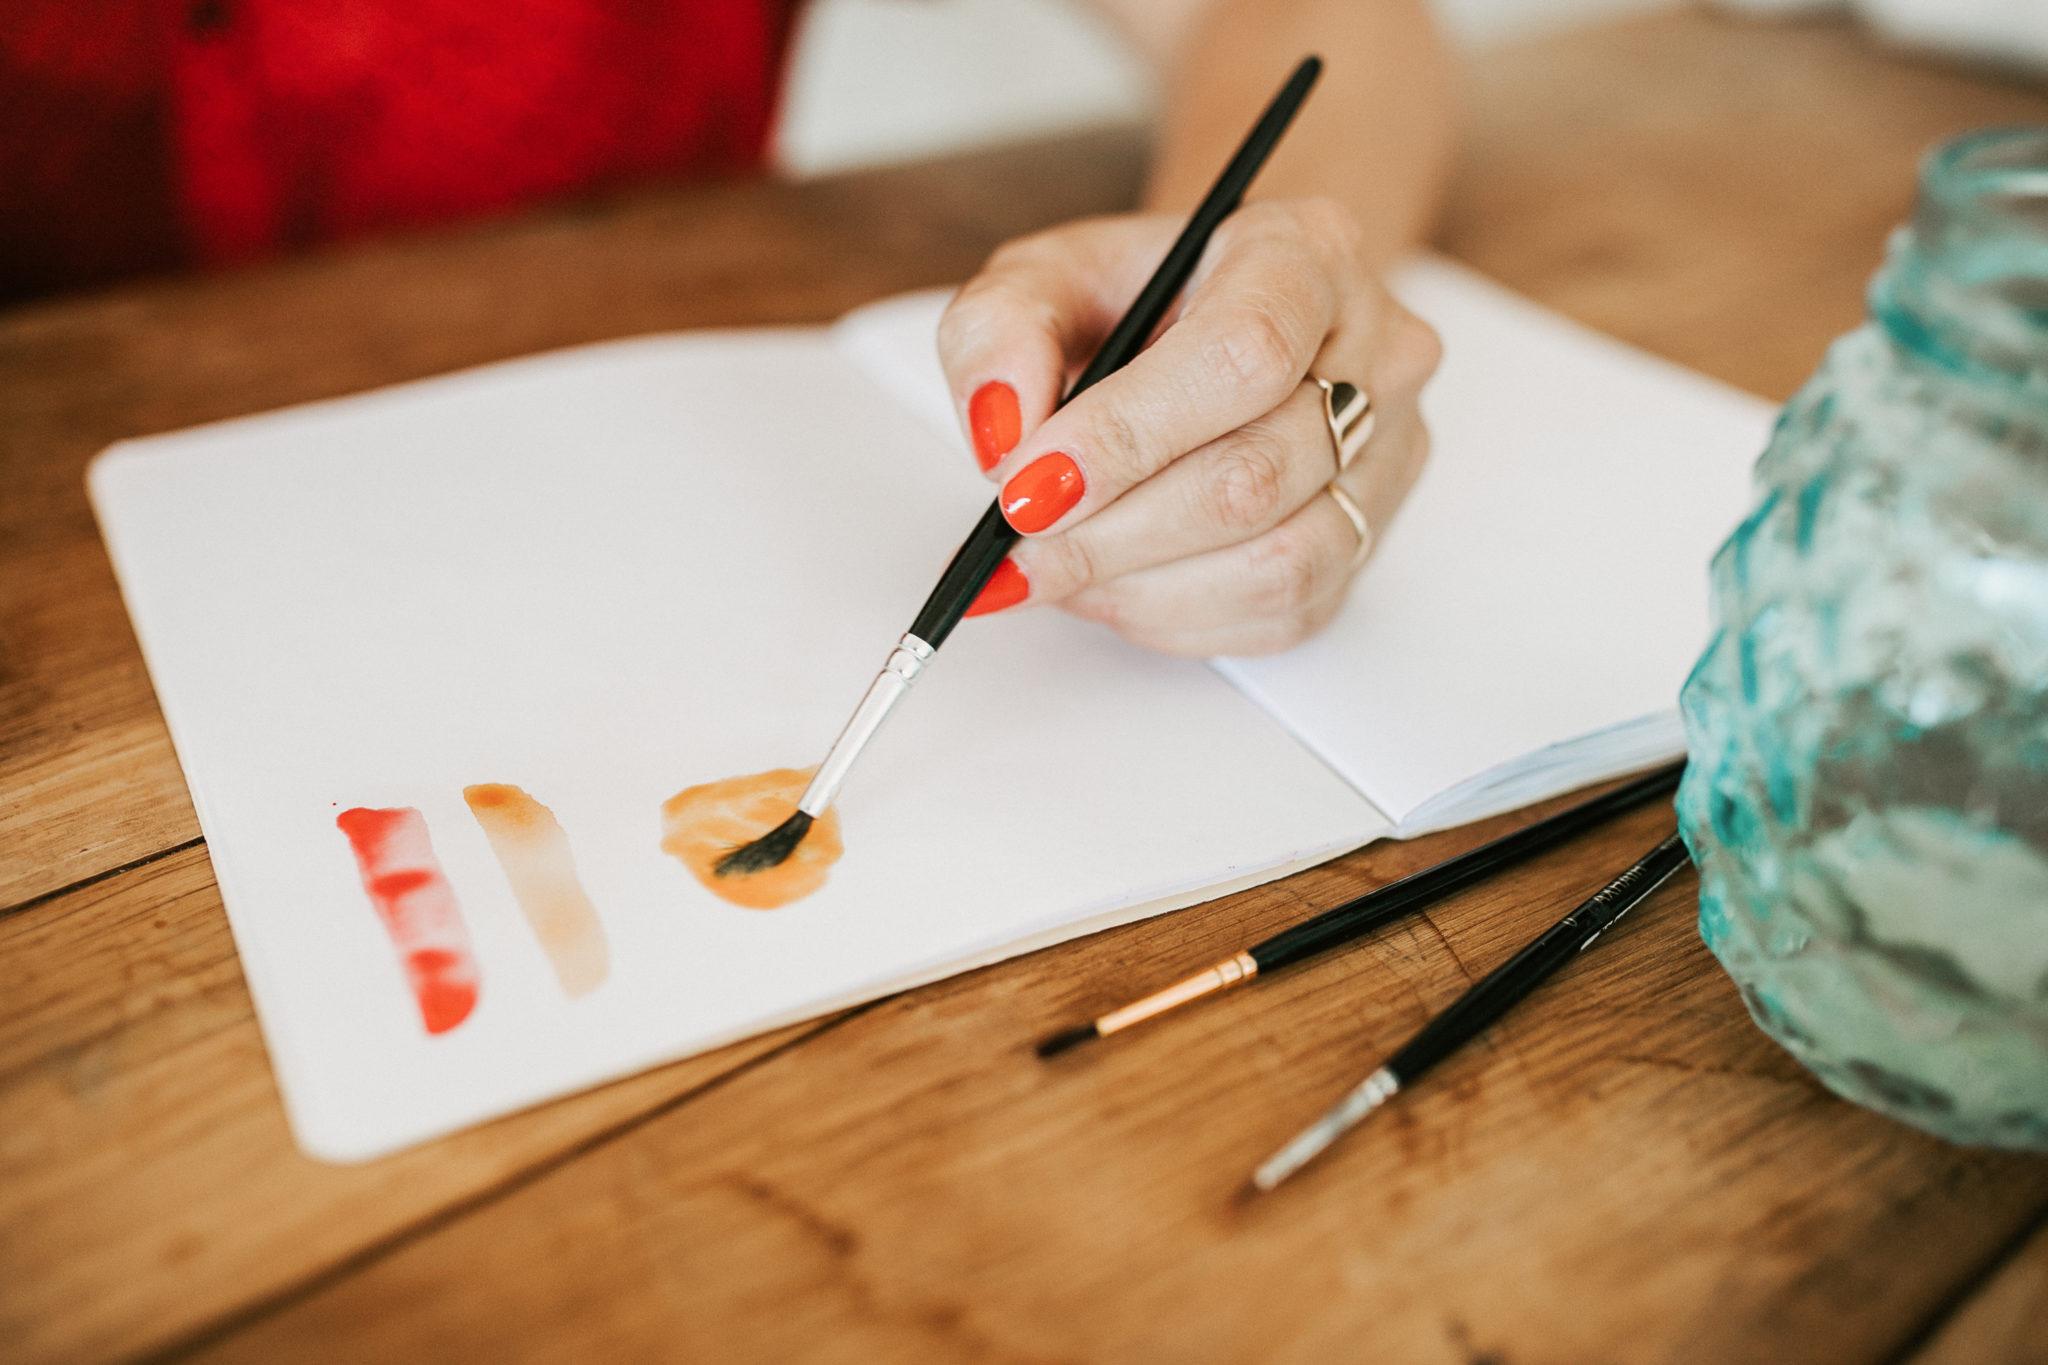 carnet avec main dessinant a l'aquarelle